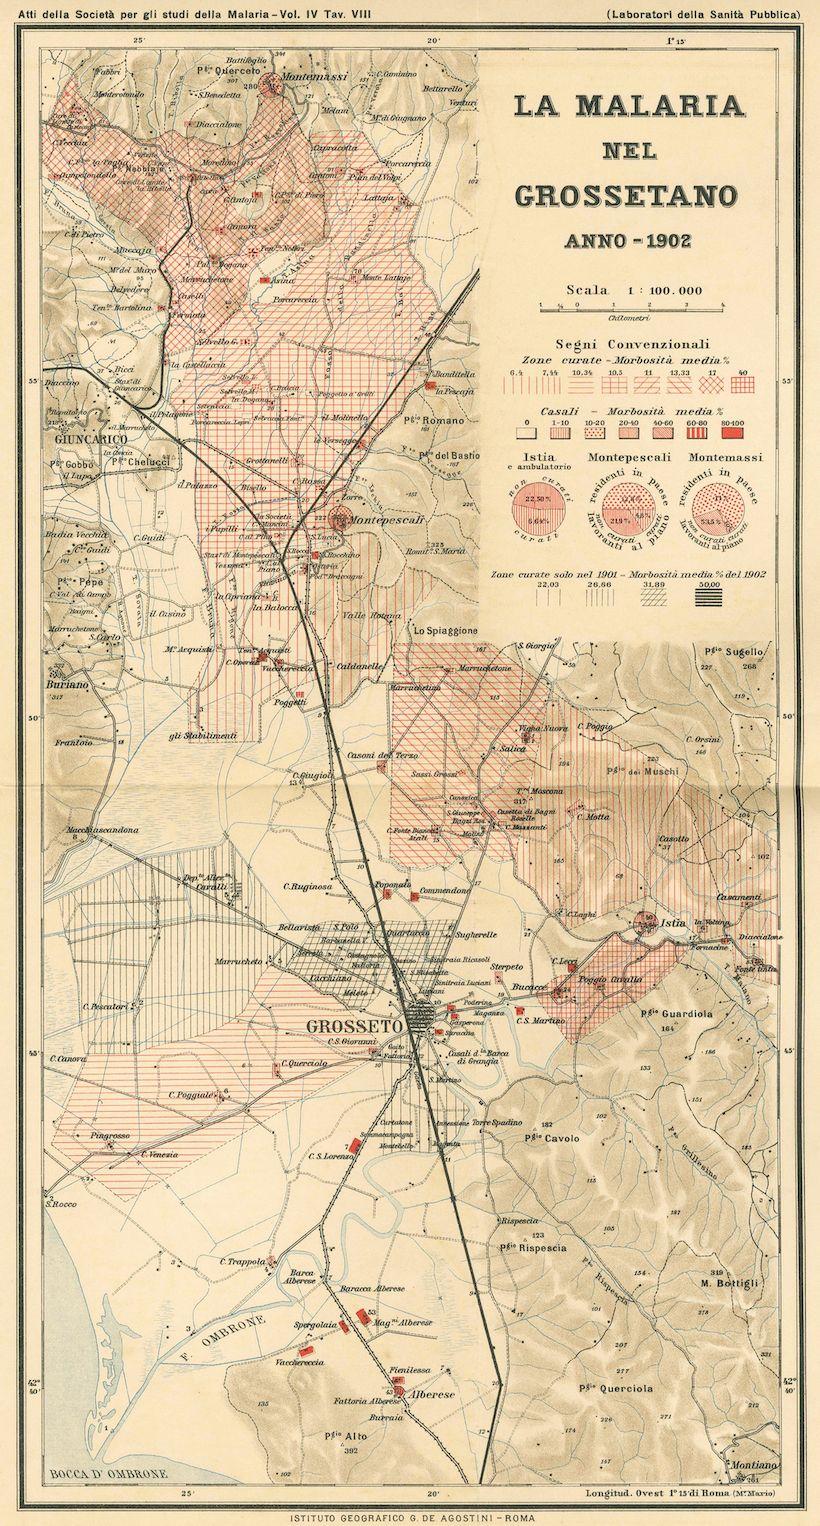 «La malaria nel Grossetano. Anno 1902», da Atti della Società per gli Studi della Malaria, vol. IV, tav. VIII, Roma 1903, cartografia Istituto Geografico De Agostini.